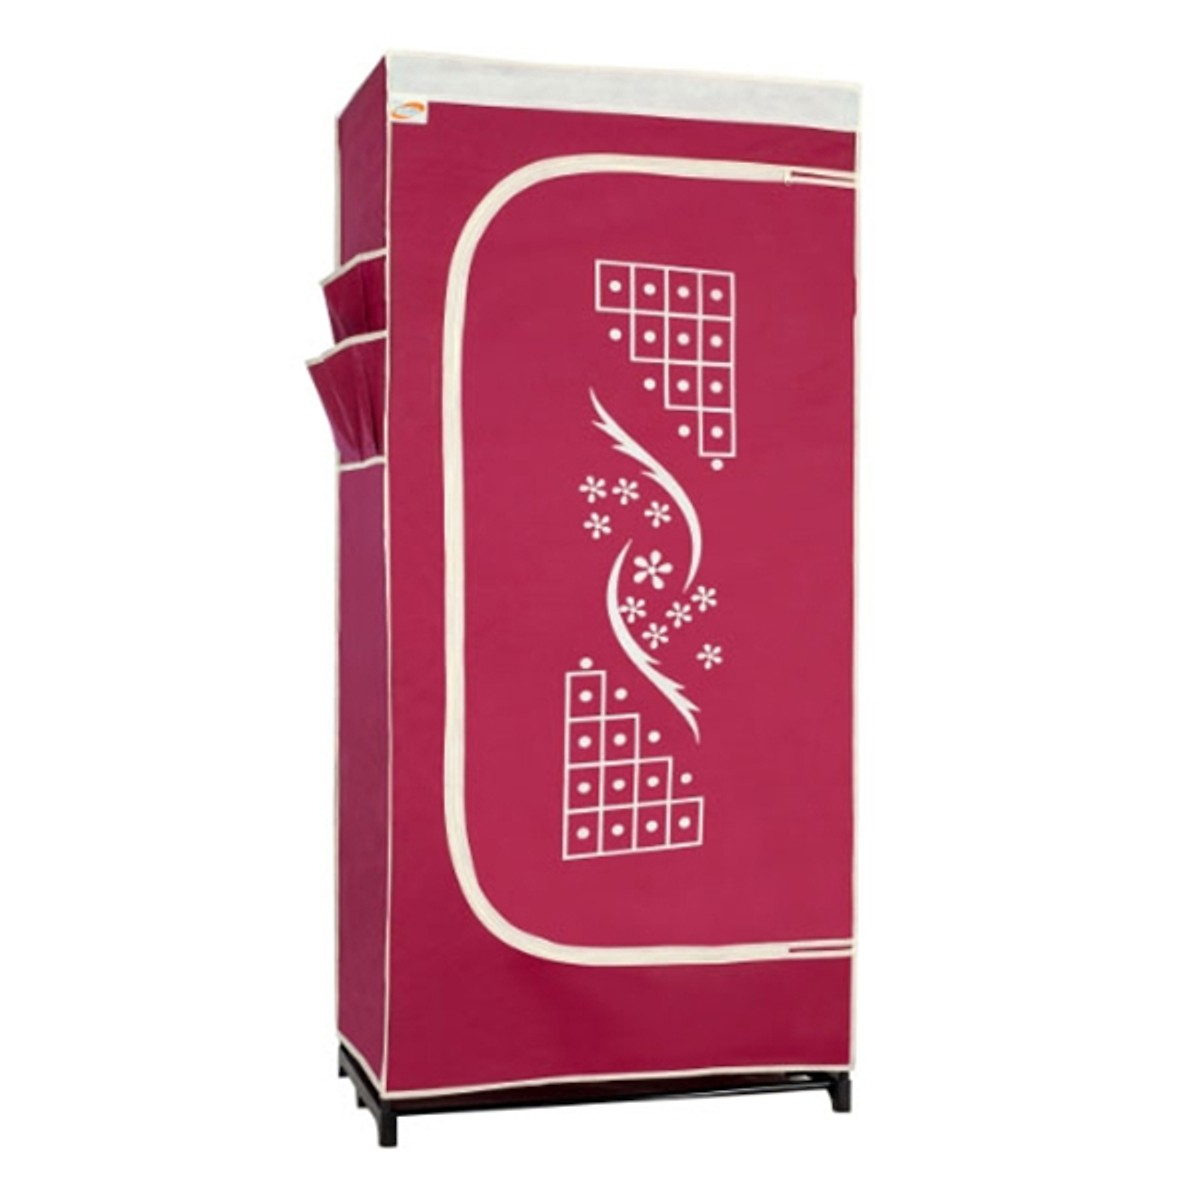 Tủ vải Thanh Long TVAI06 75 x 46 x 158 cm Giao màu ngẫu nhiên